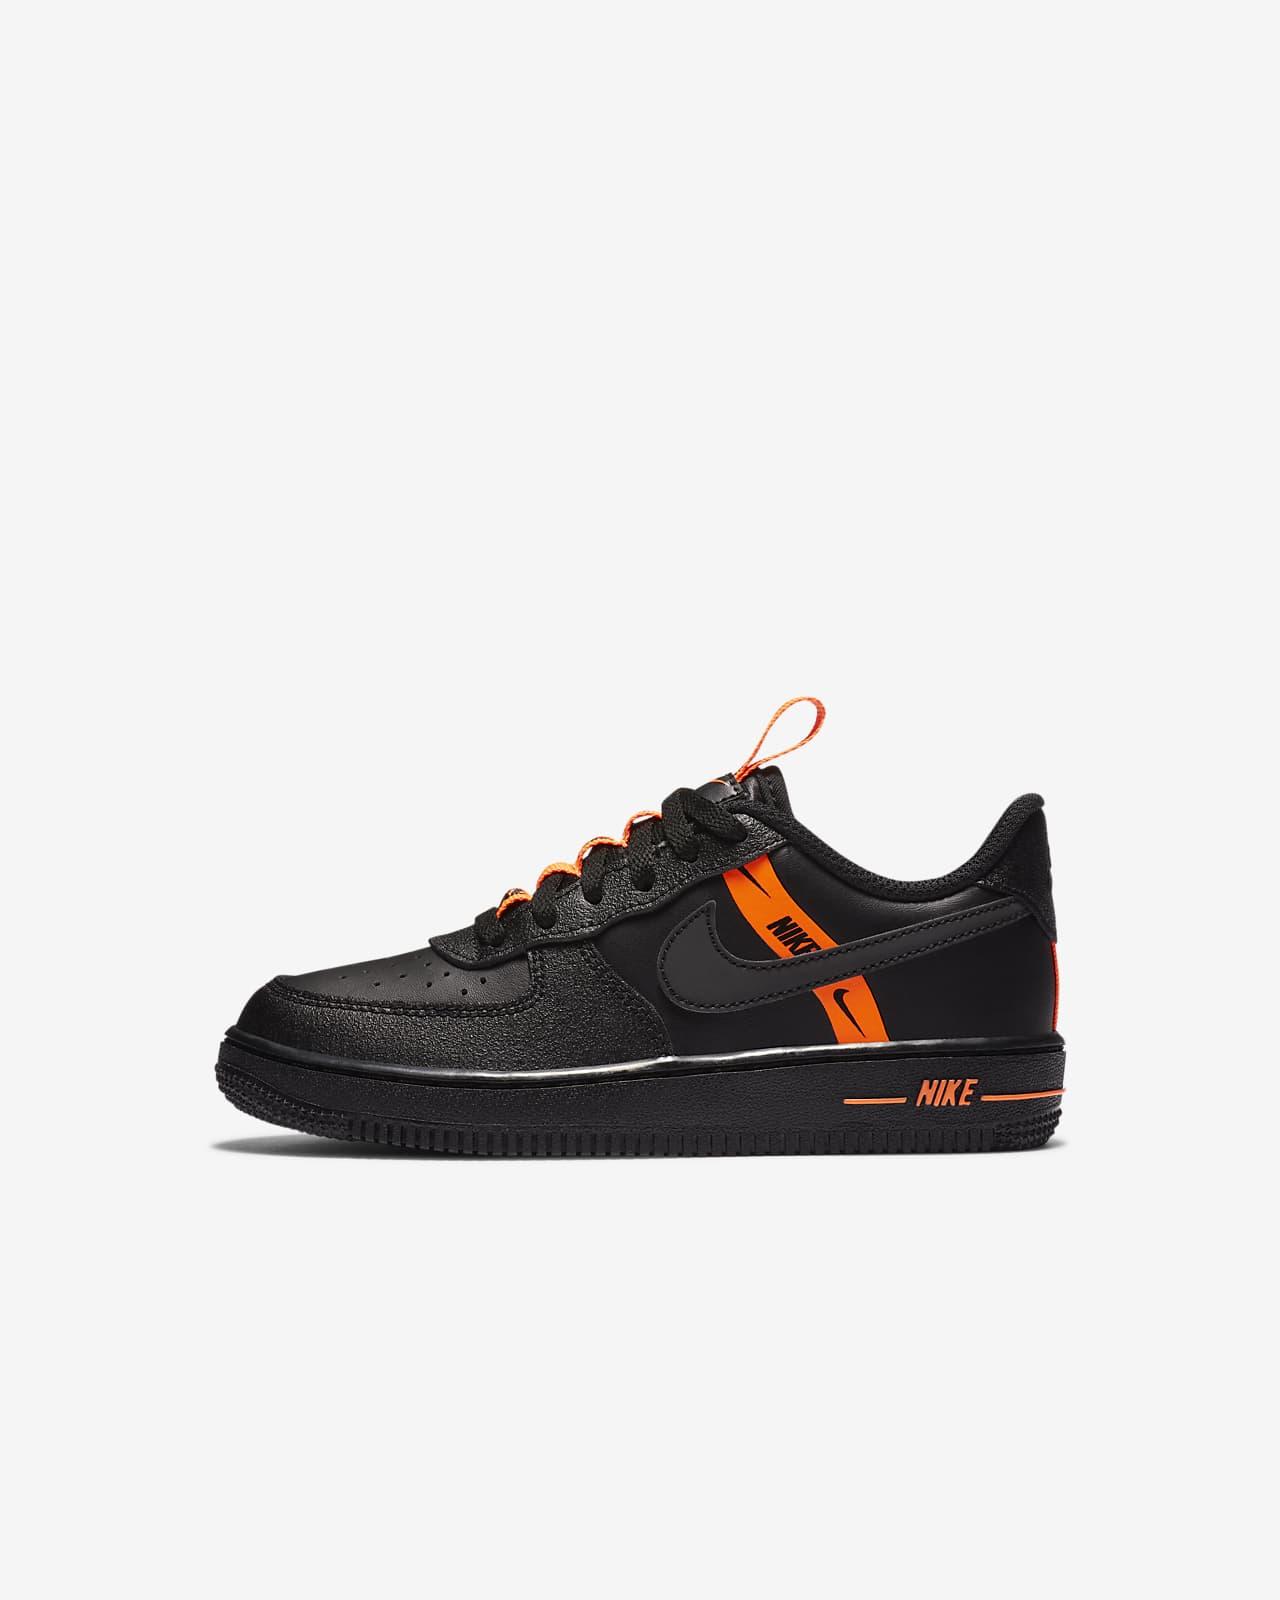 Chaussure Nike Force 1 LV8 KSA pour Jeune enfant